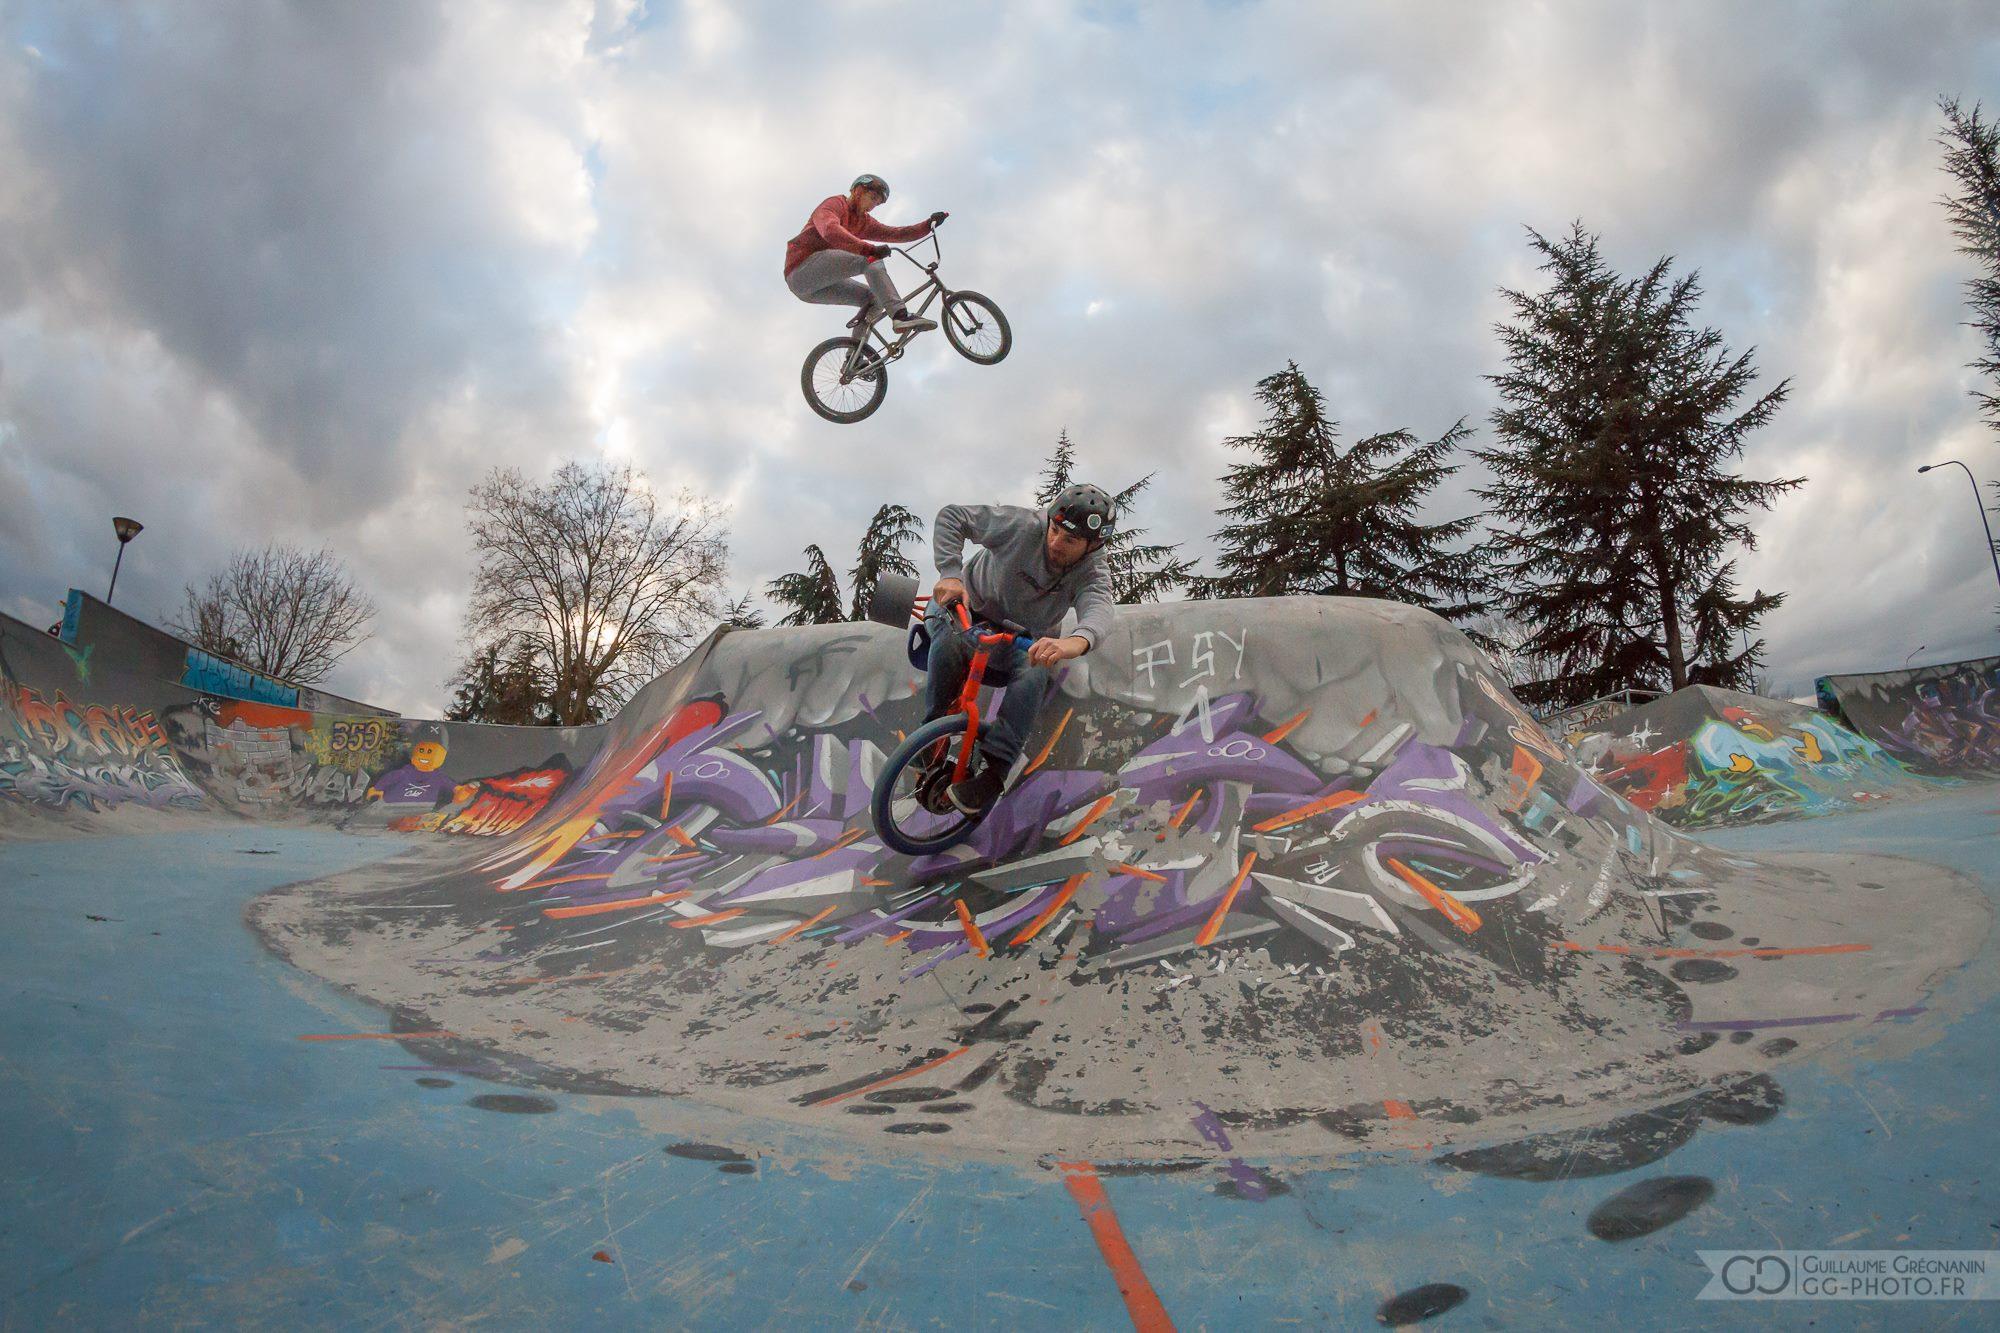 Meilleurs Skateparks à toulouse - Skatepark Ponts Jumeaux